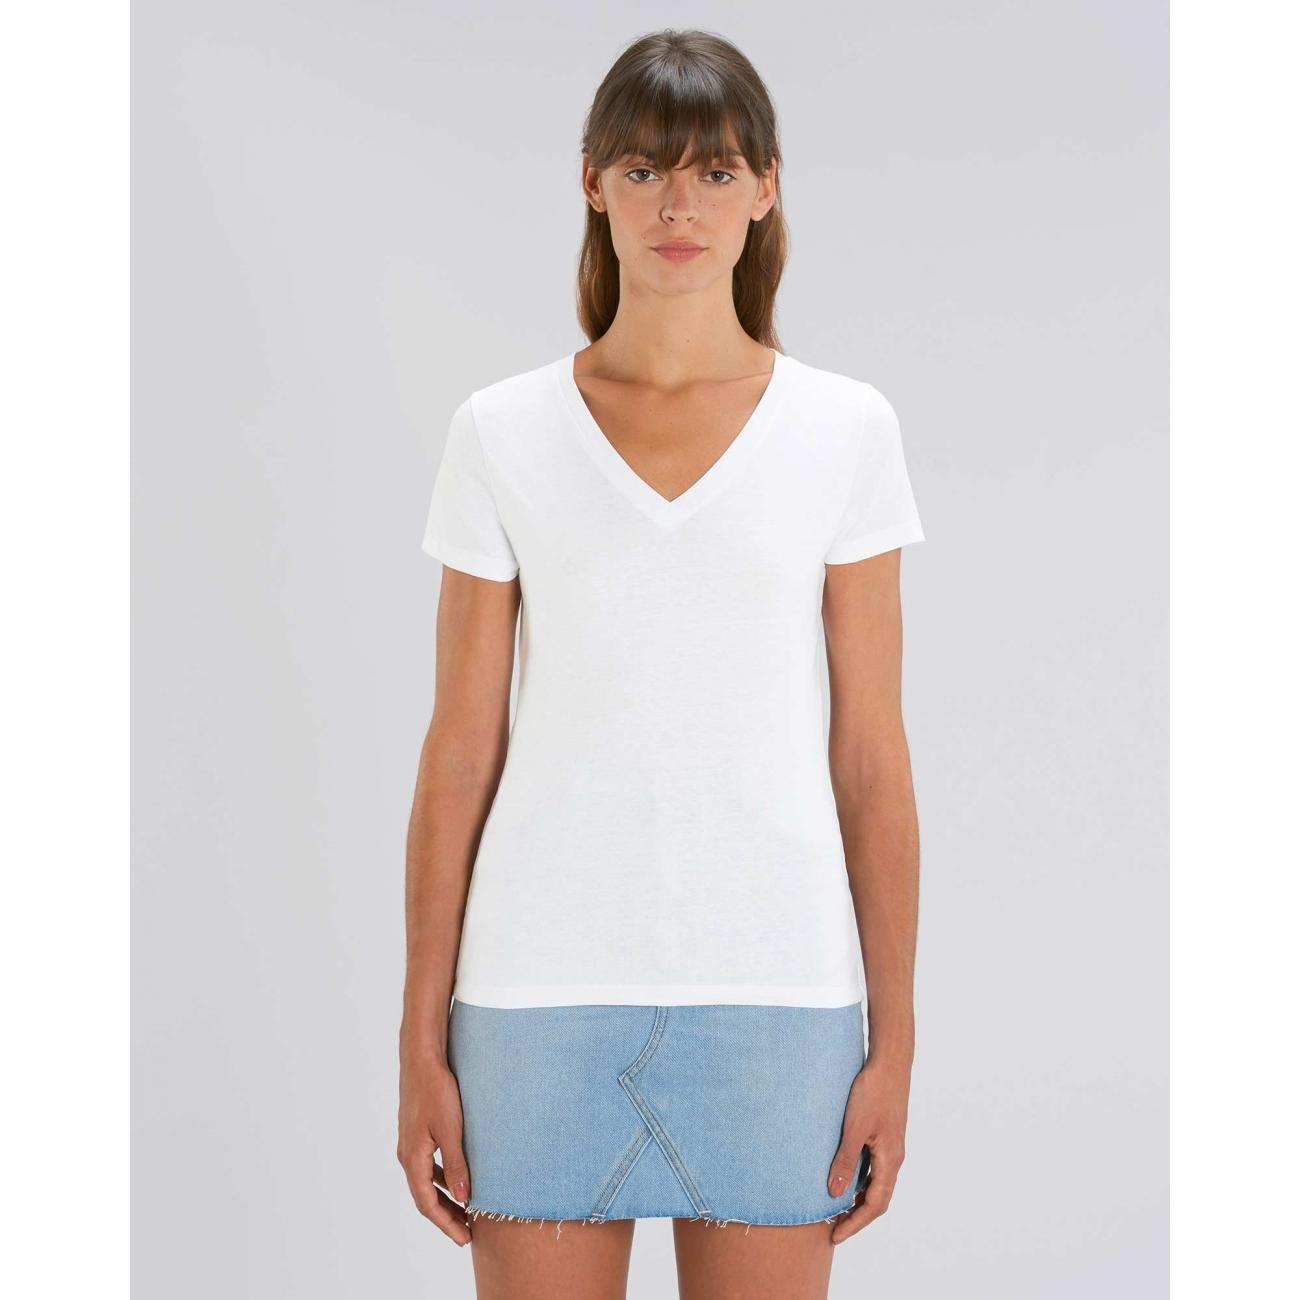 https://tee-shirt-bio.com/9338-thickbox_default/tee-shirt-coton-bio-fwf-col-v-blanc-.jpg